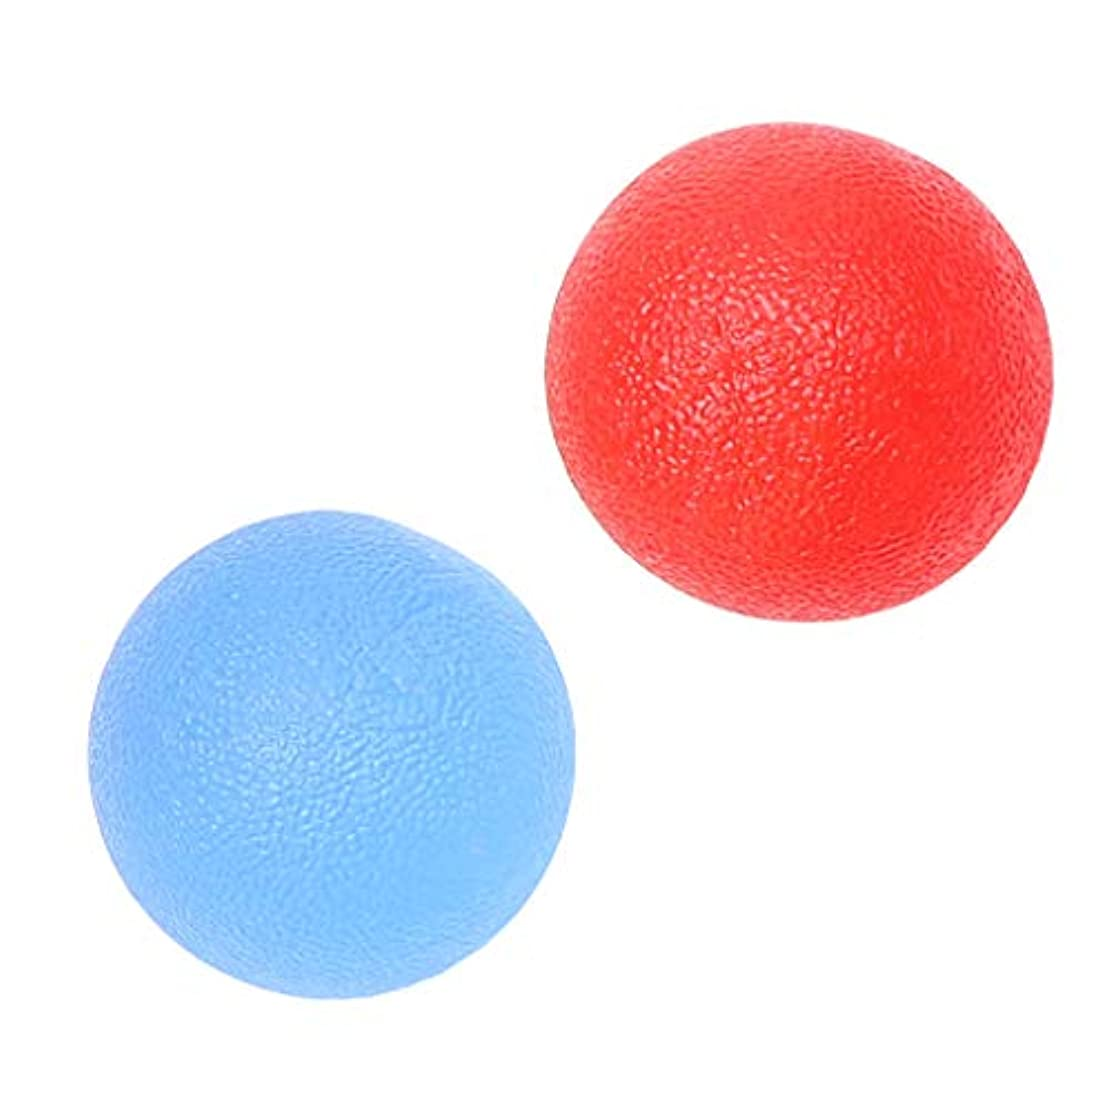 ストレンジャー眉気楽なハンドグリップ ボール シリコン マッサージ 指トレーニング ストレス緩和 赤/青 2個入